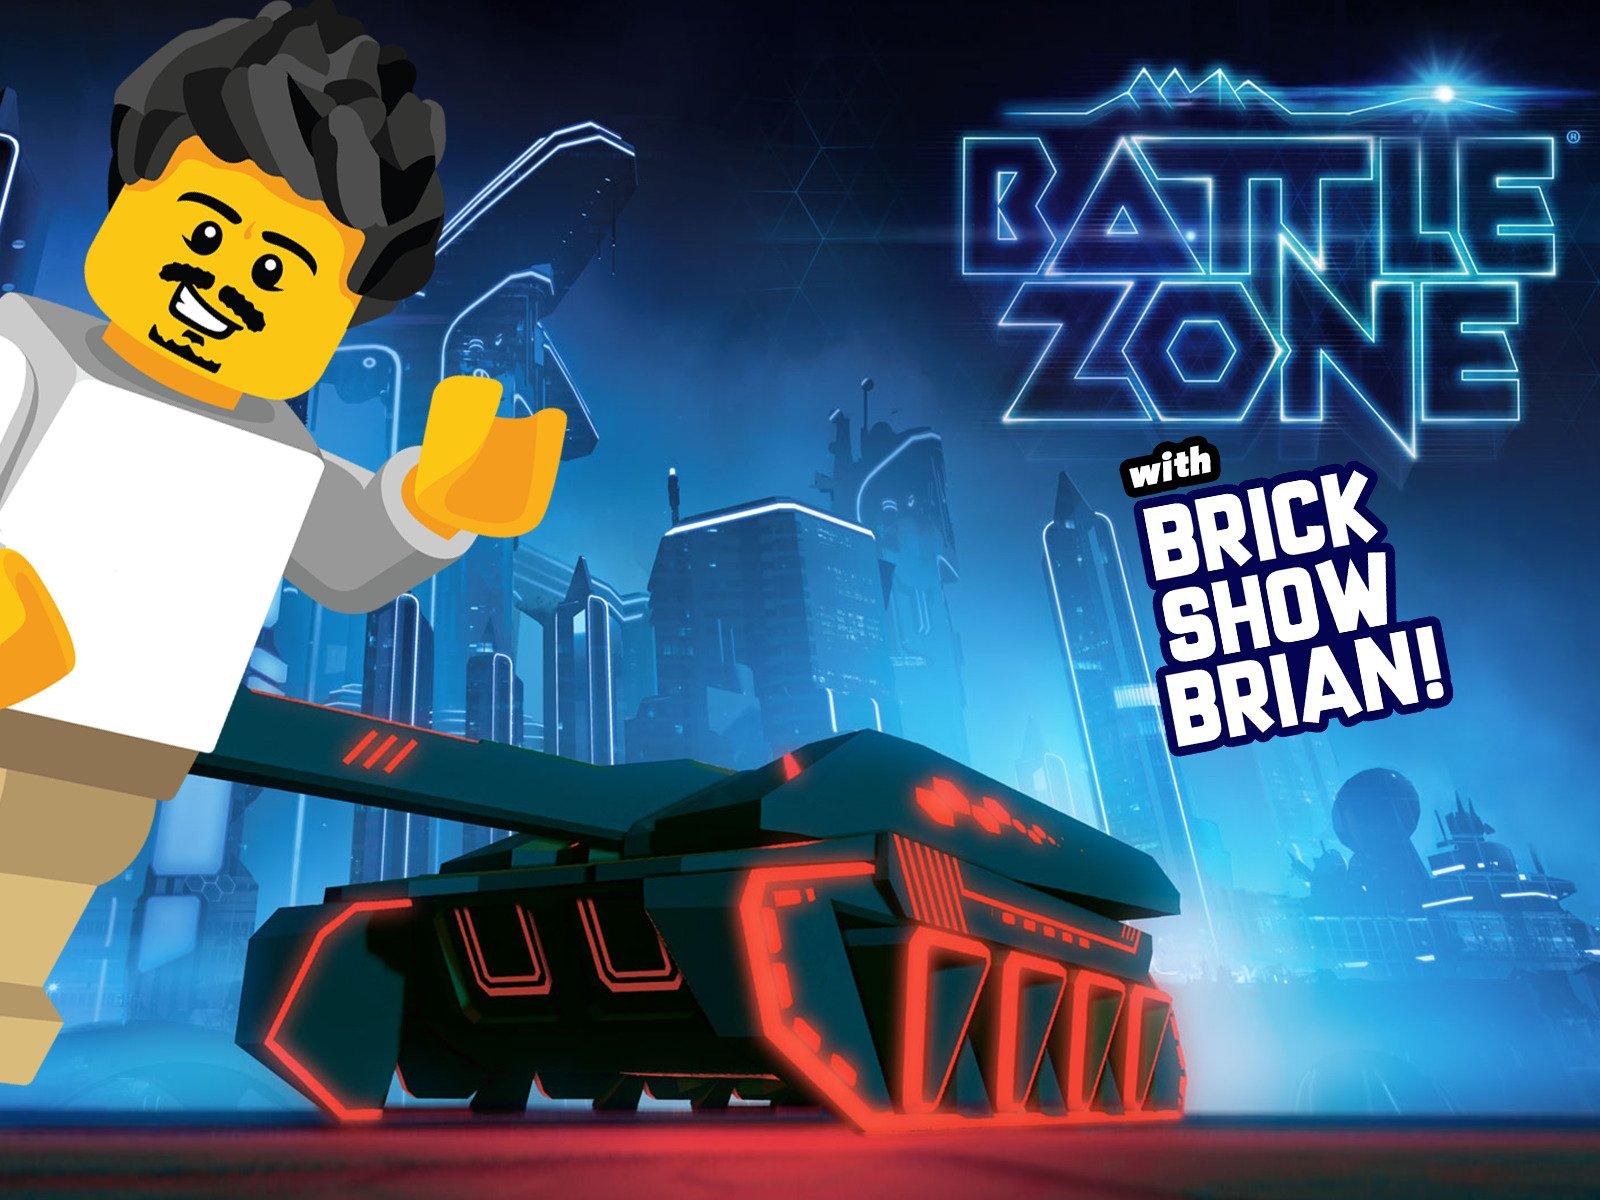 Clip: Battlezone with Brick Show Brian! - Season 1